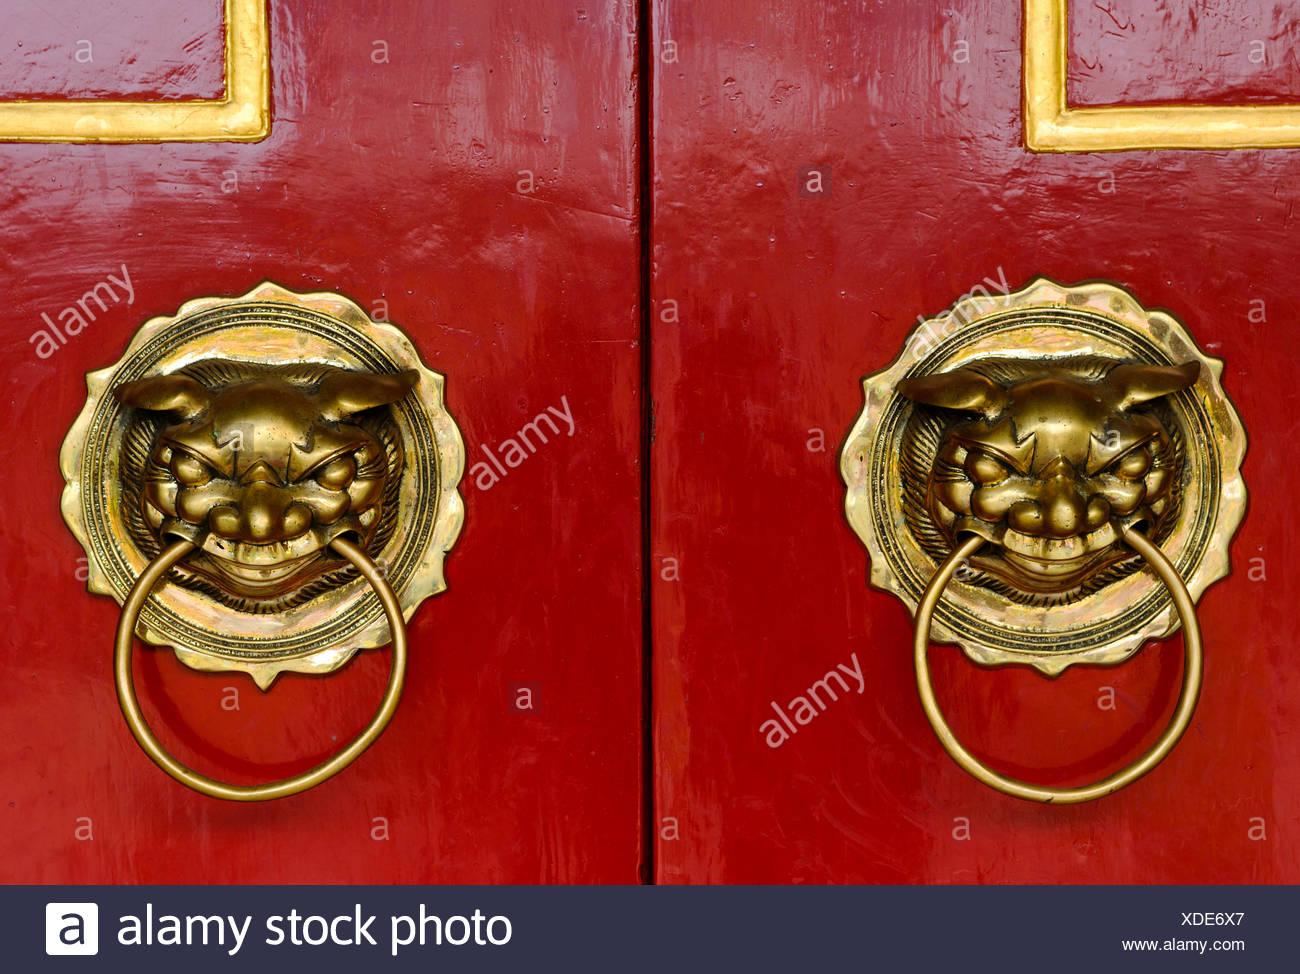 Le porte sono rosse con i lions come porte battenti, Phuc Kien Assembly Hall del cinese da Fujian, Hoi An, Vietnam, sud-est asiatico Immagini Stock